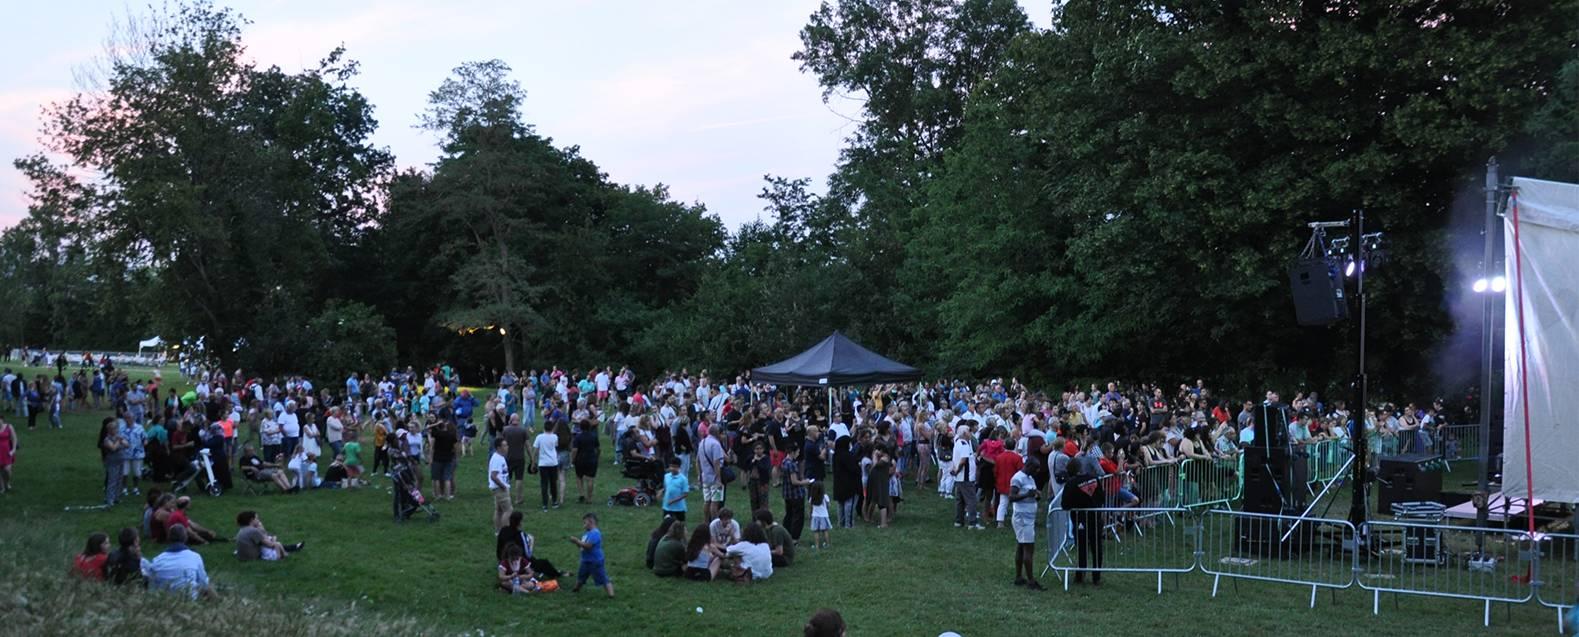 Fête de la musique, Parc du Vellein - © Mairie de Villefontaine